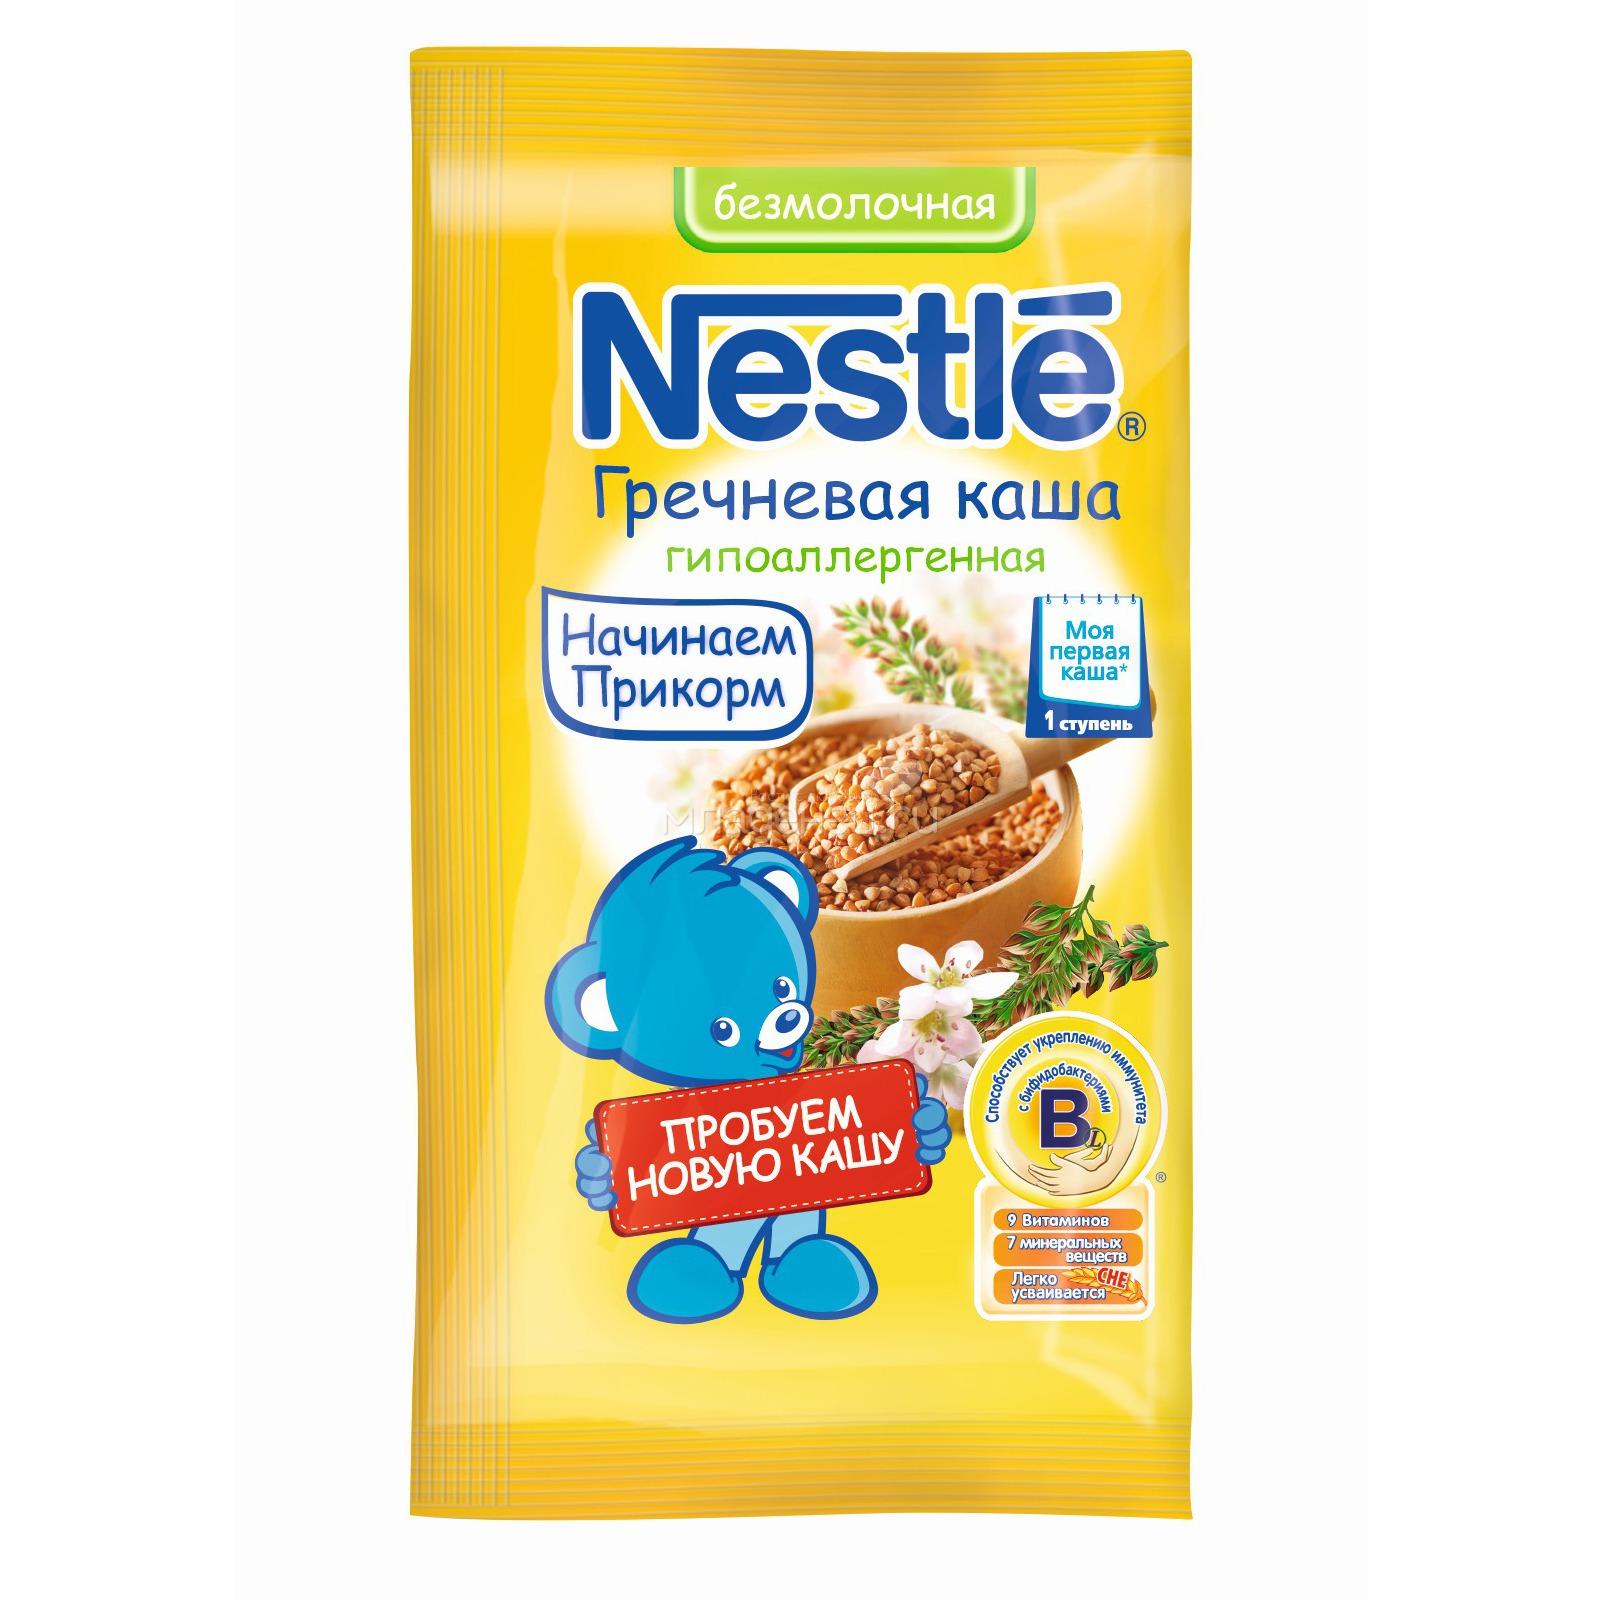 Каша Nestle Нестле безмолочная 20 гр. Гречневая (с 4 мес.)